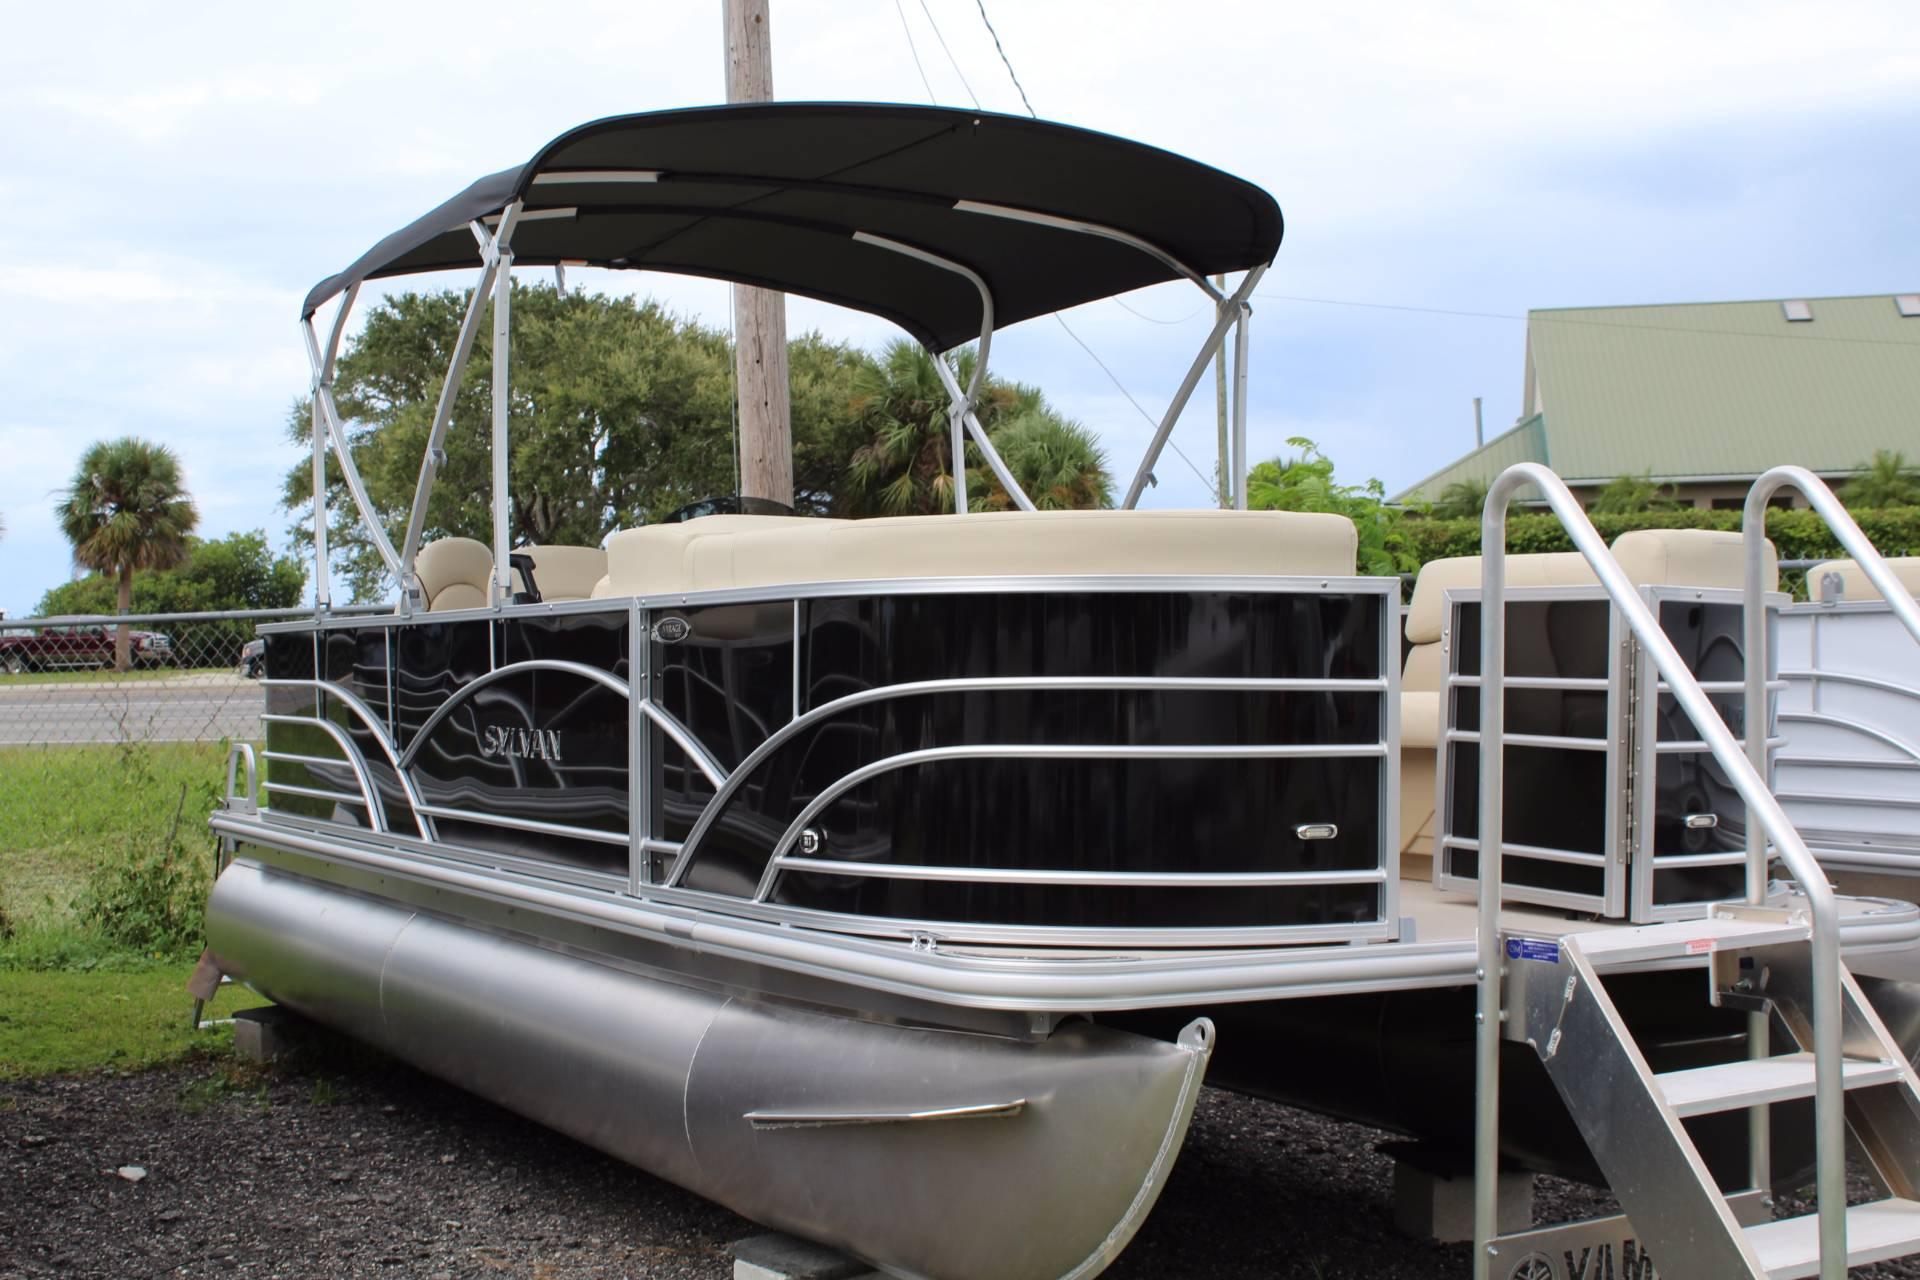 Sylvan 820 Cruise N Fish